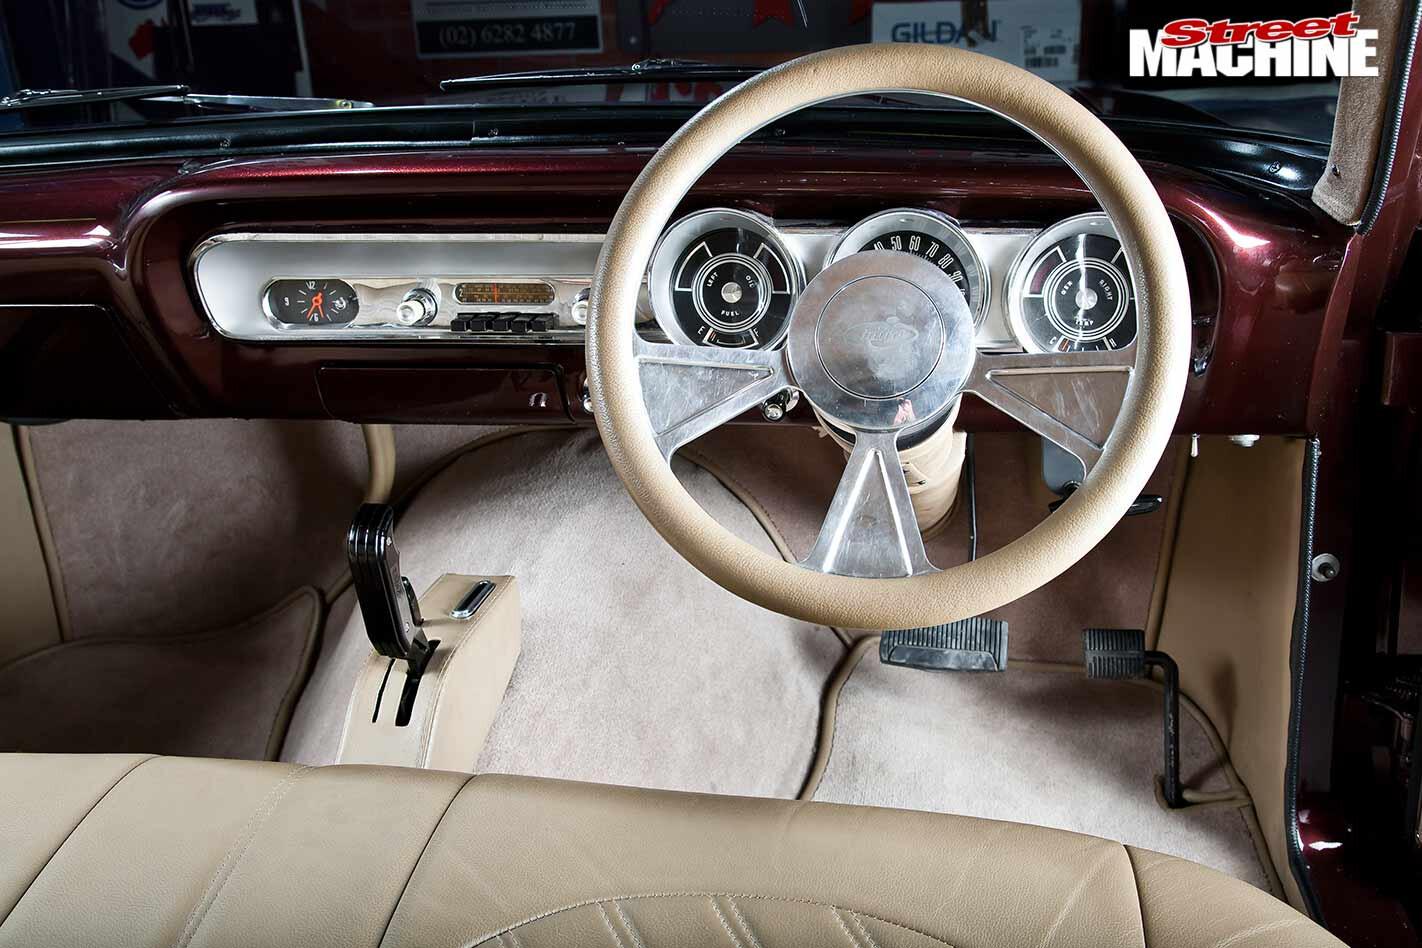 Ford Compact Fairlane dash